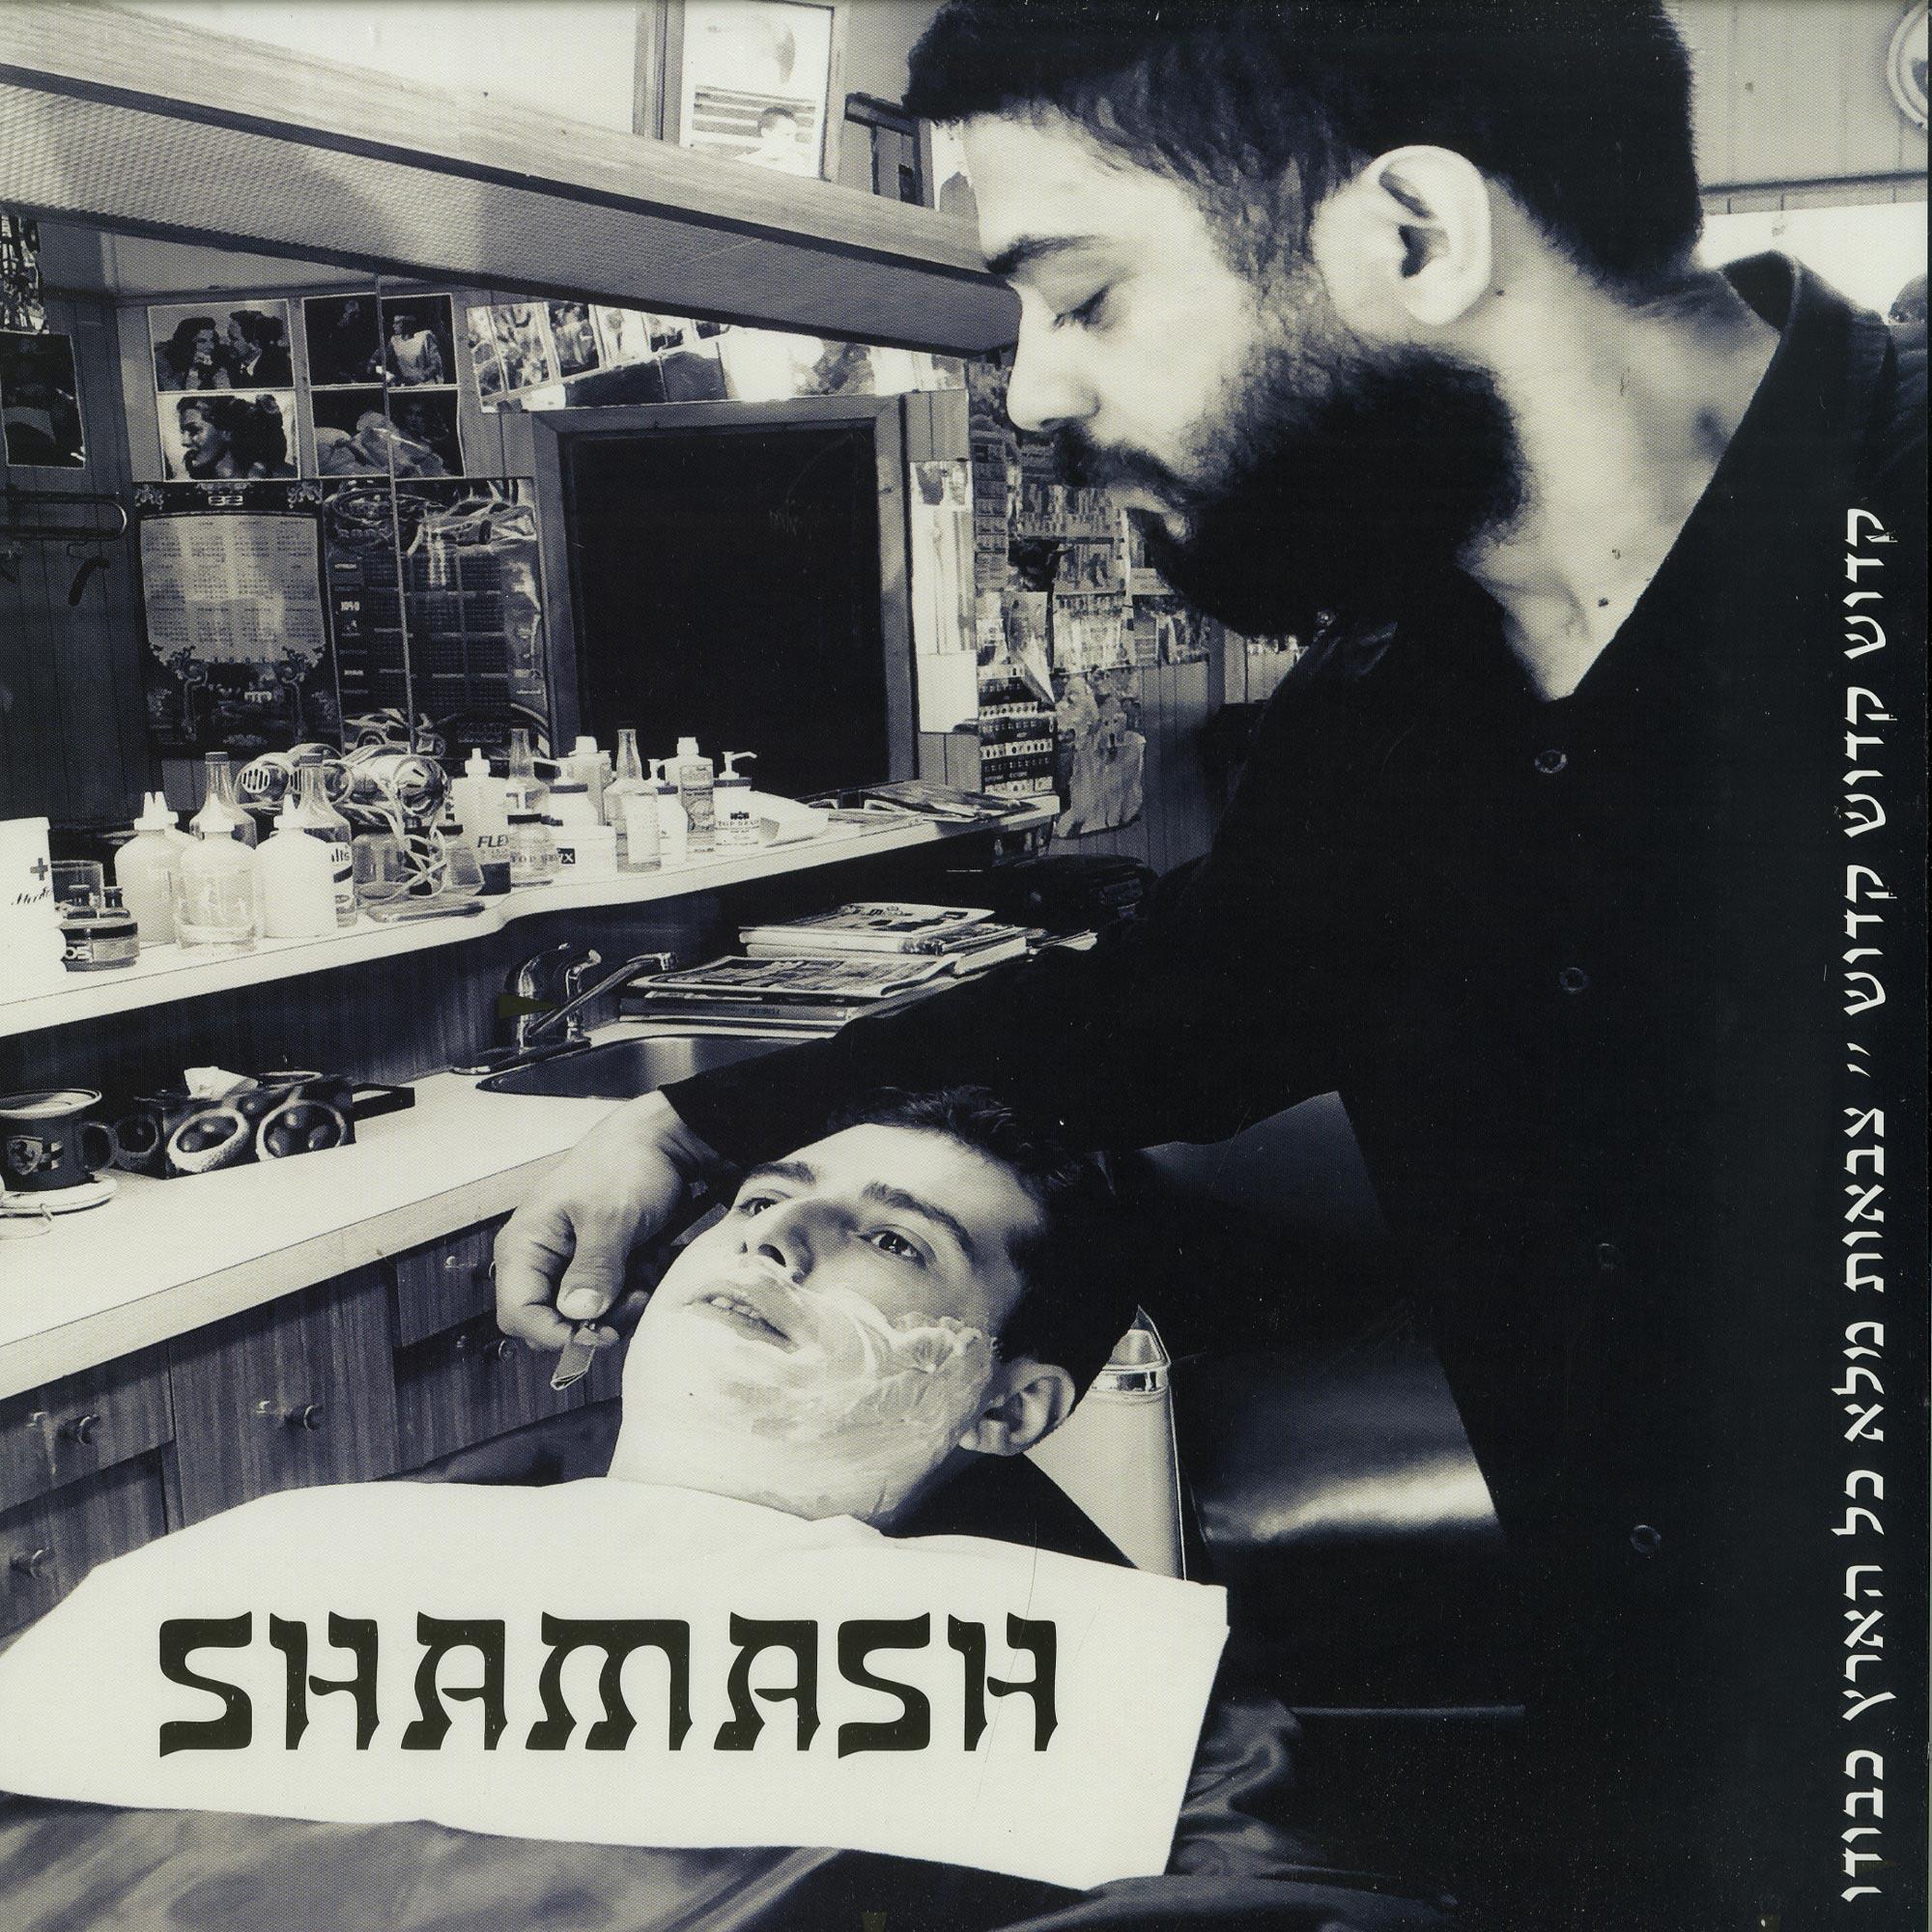 Scoutsom - SHAMASH EP